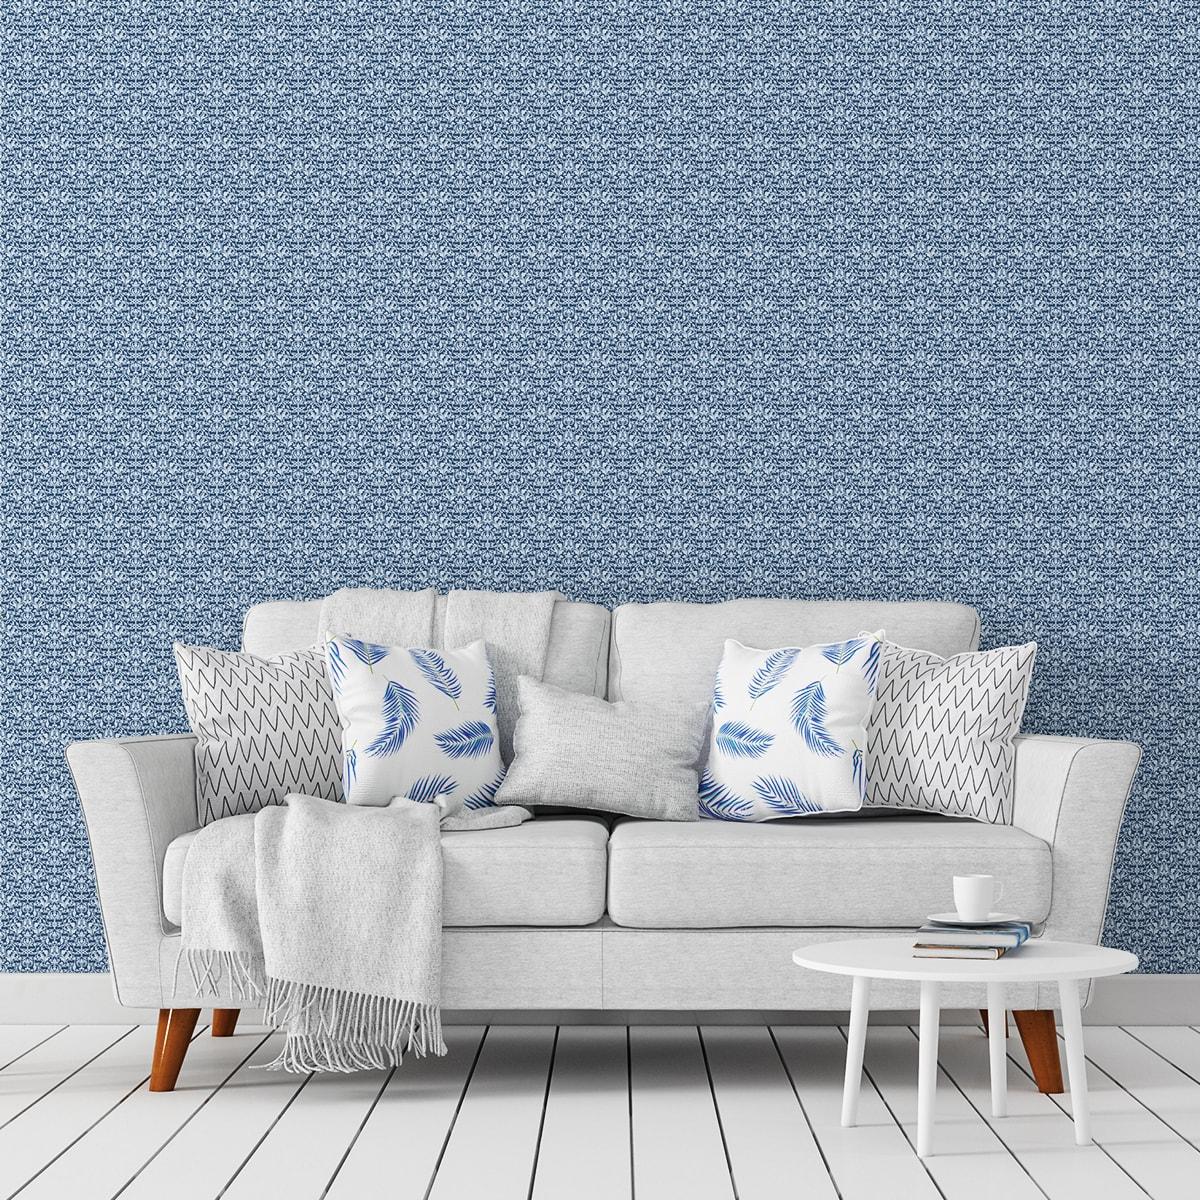 Florale Ornamenttapete Damast Muster klassisch in blau - Design Tapete für Schlafzimmer